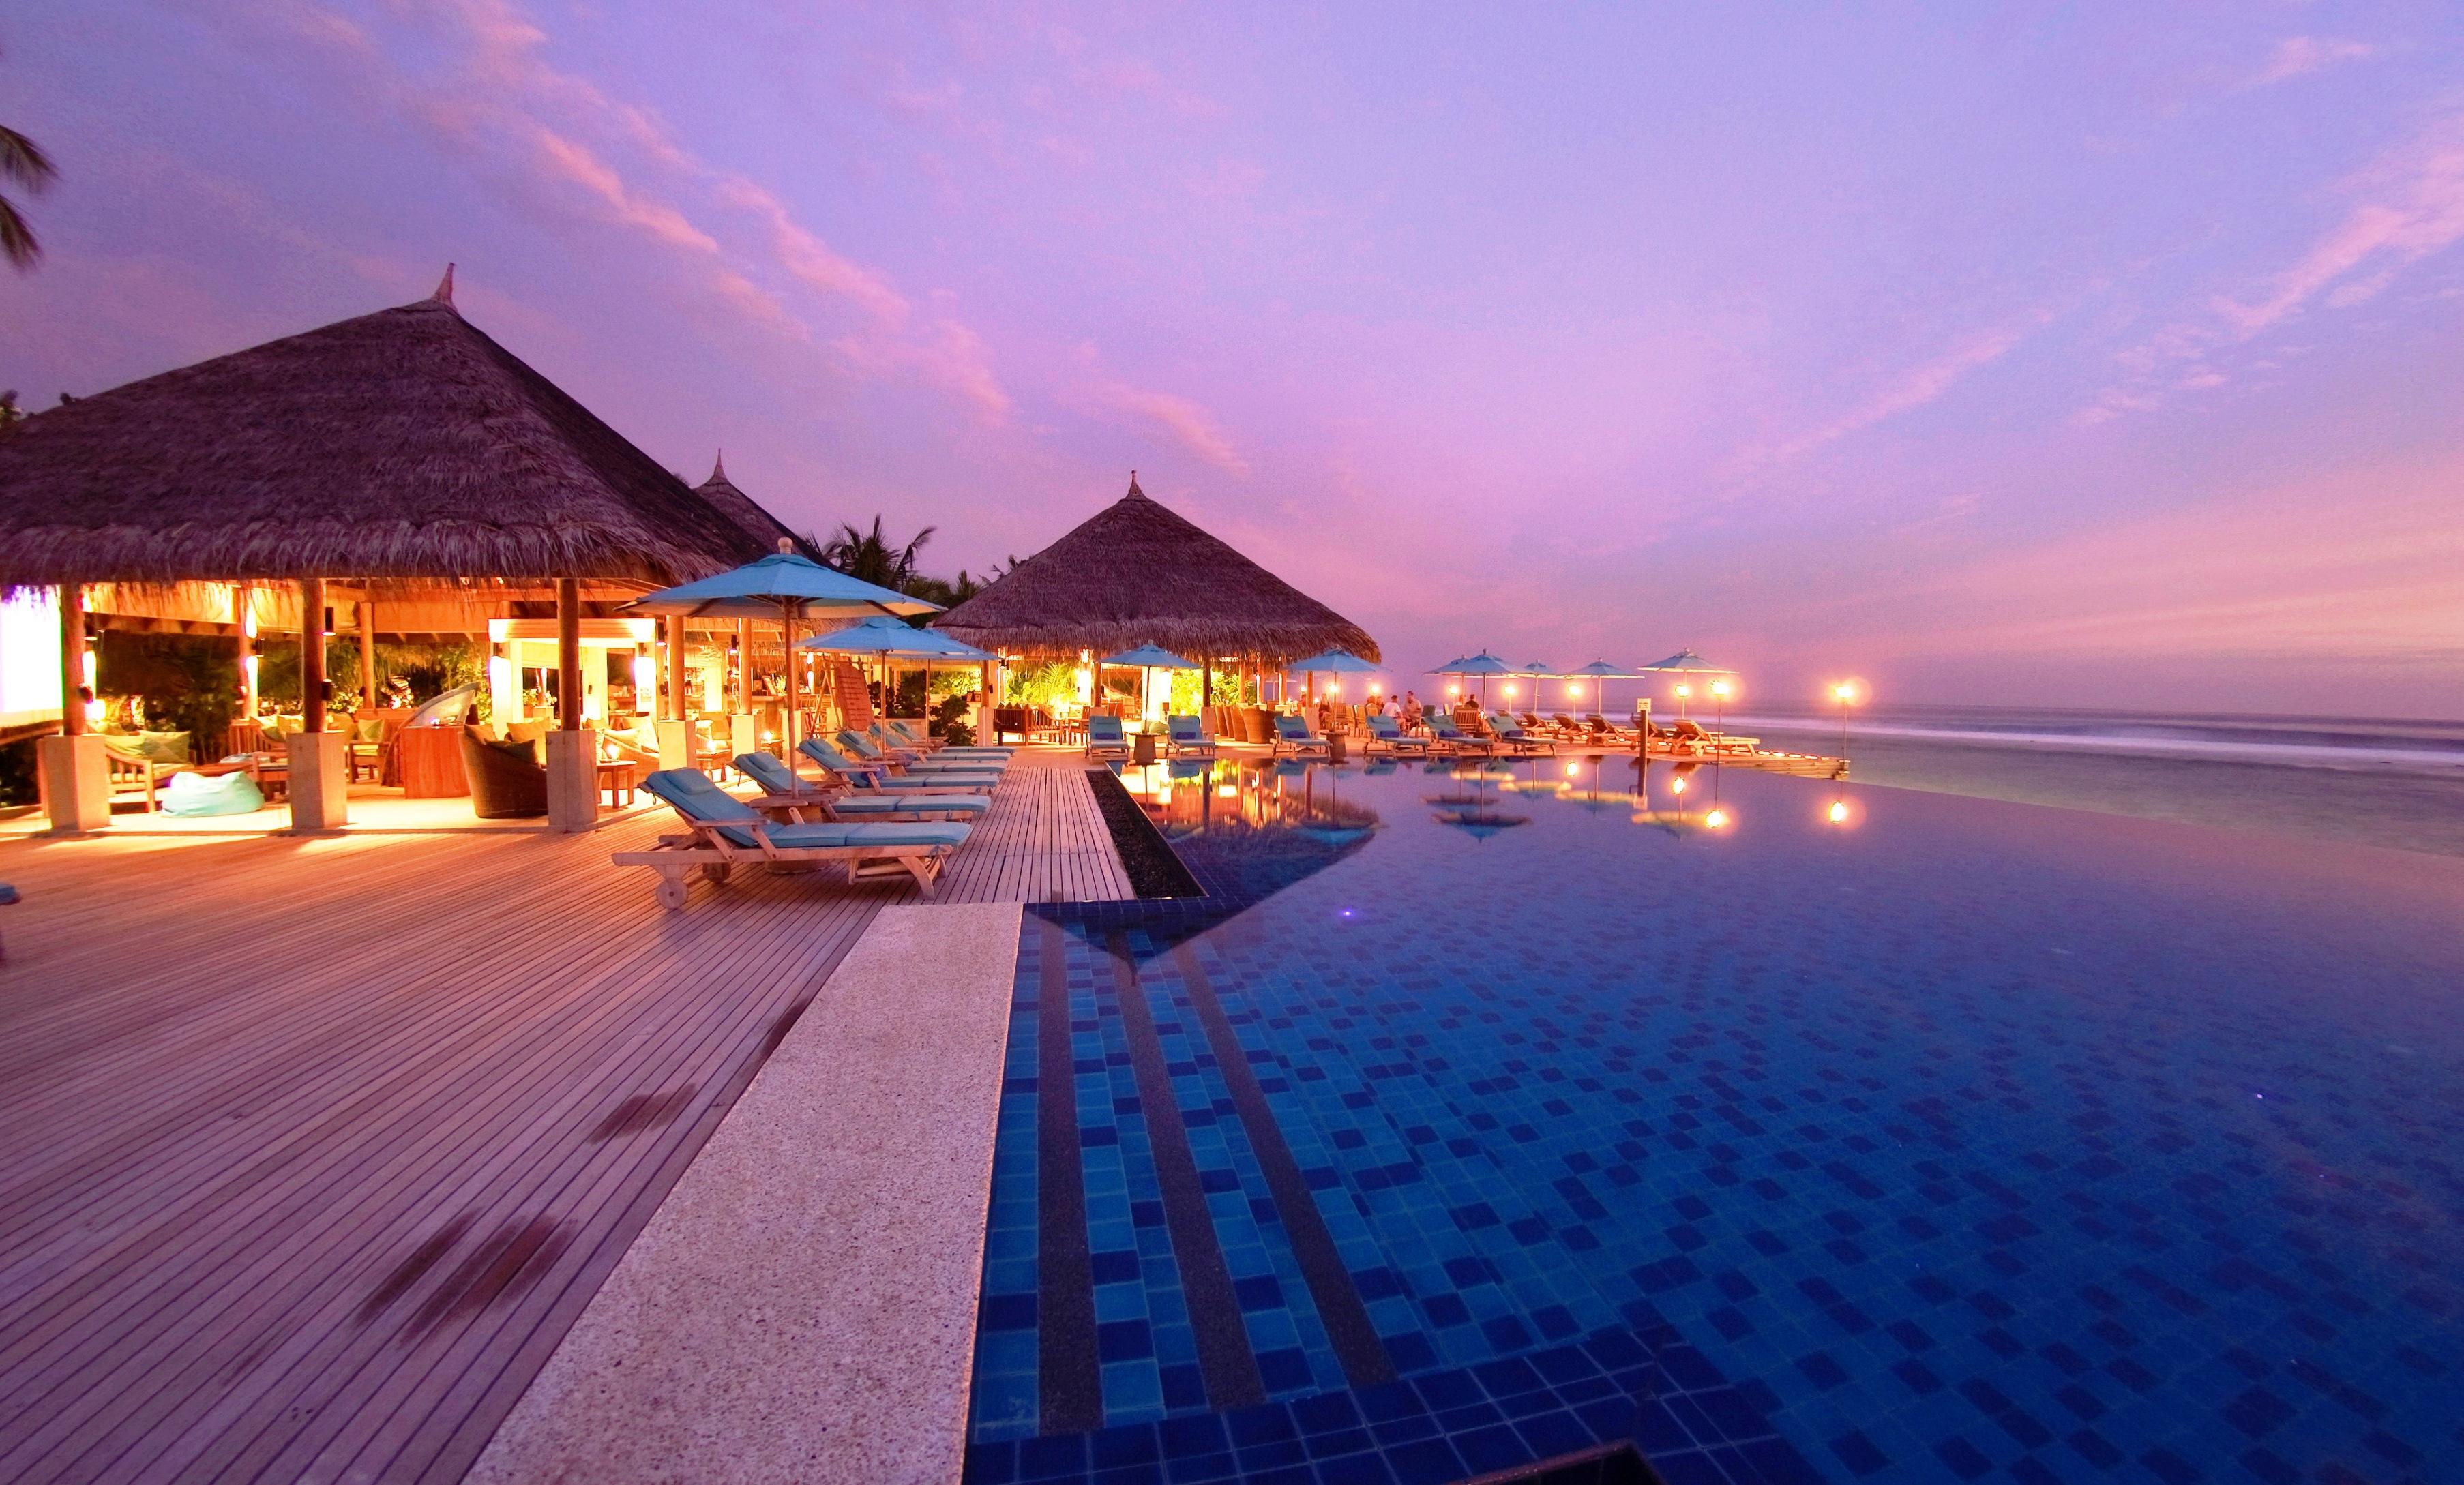 157791 скачать обои Пляж, Мальдивы, Разное, Вечер, Тропики, Курорт - заставки и картинки бесплатно